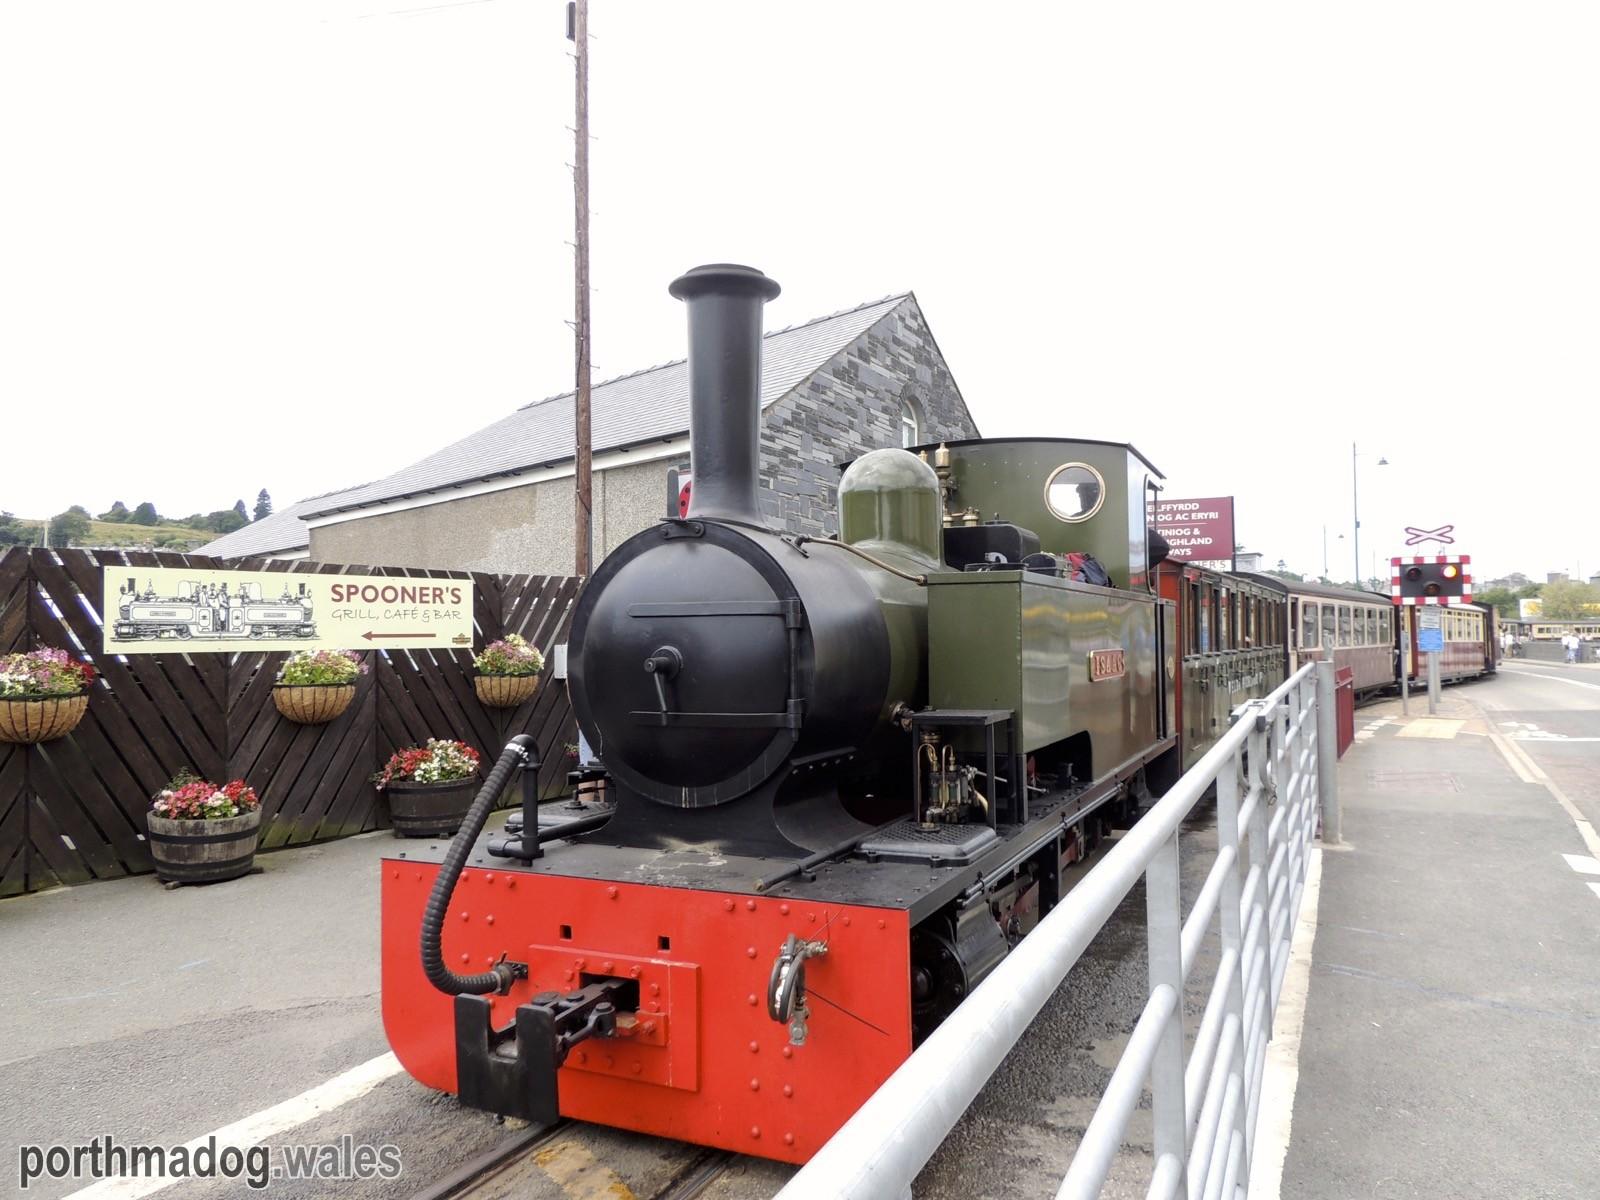 Welsh Highland Railway (Isaac Loco) in Porthmadog